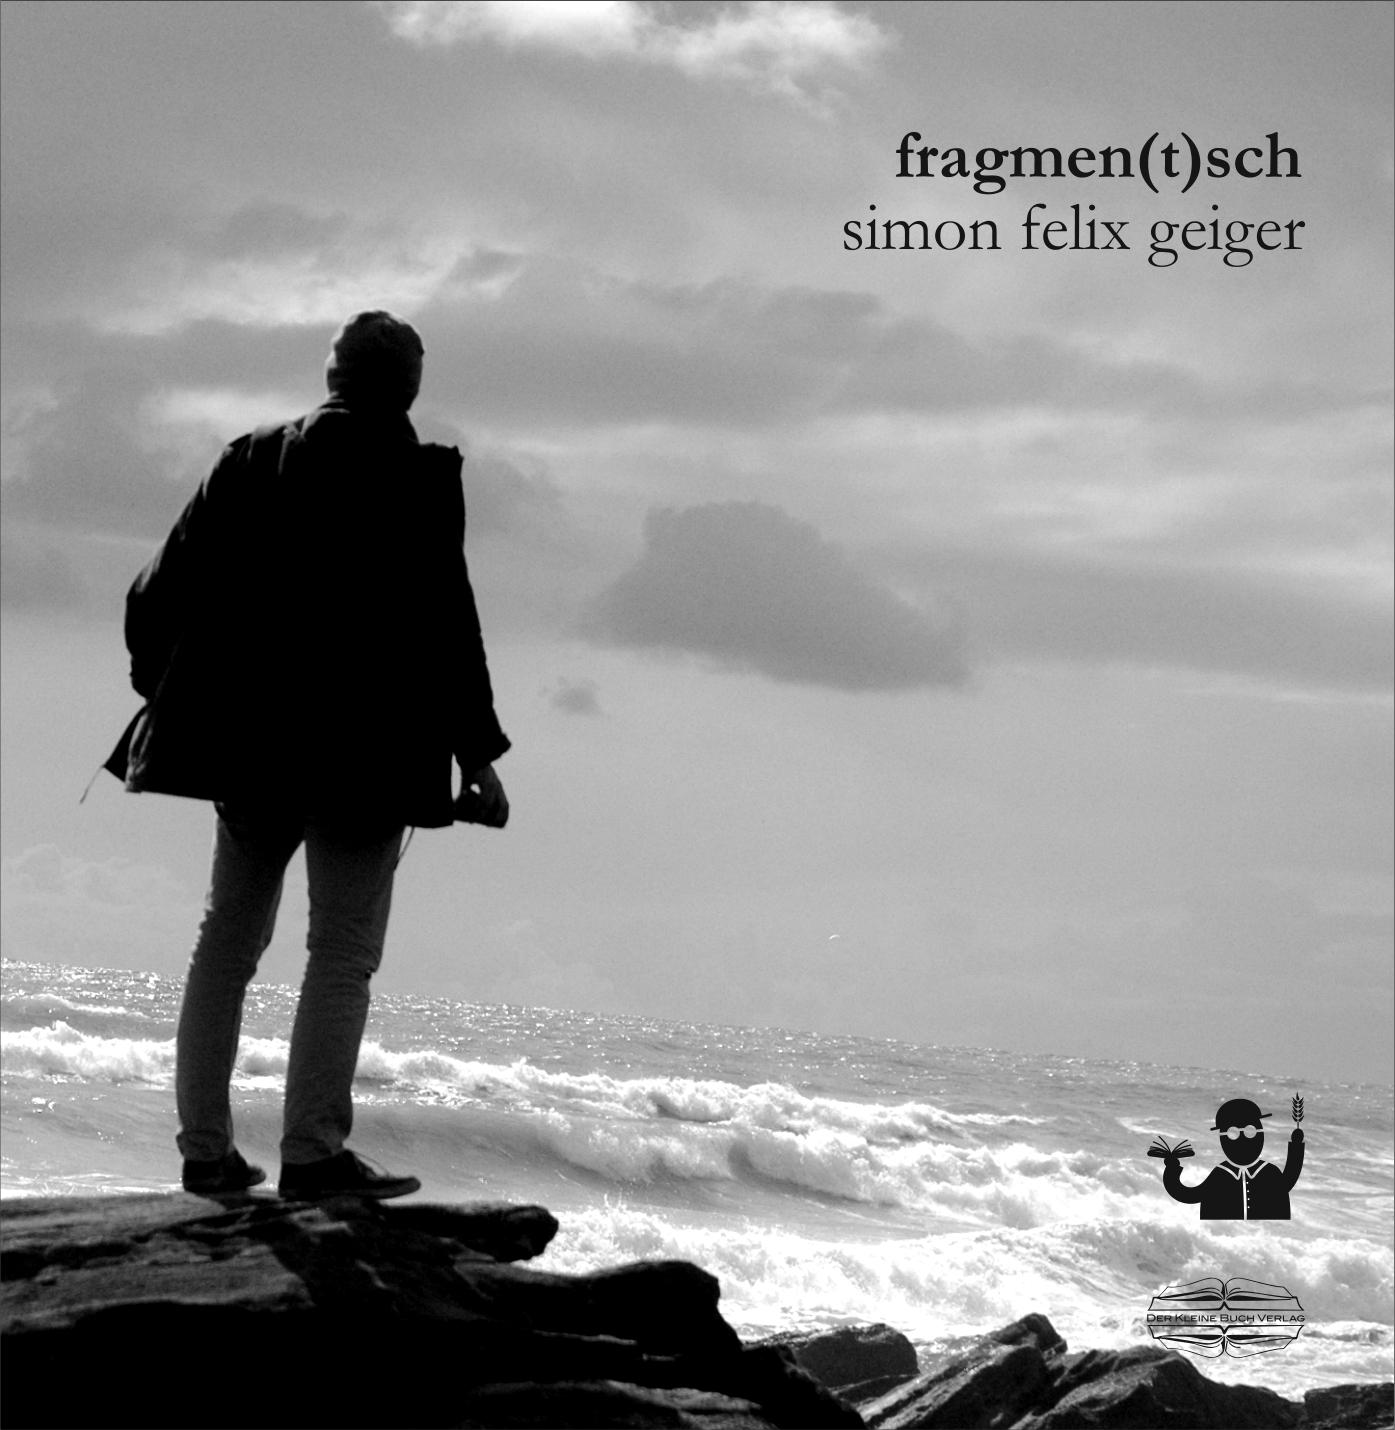 FRAGMEN(T)SCH